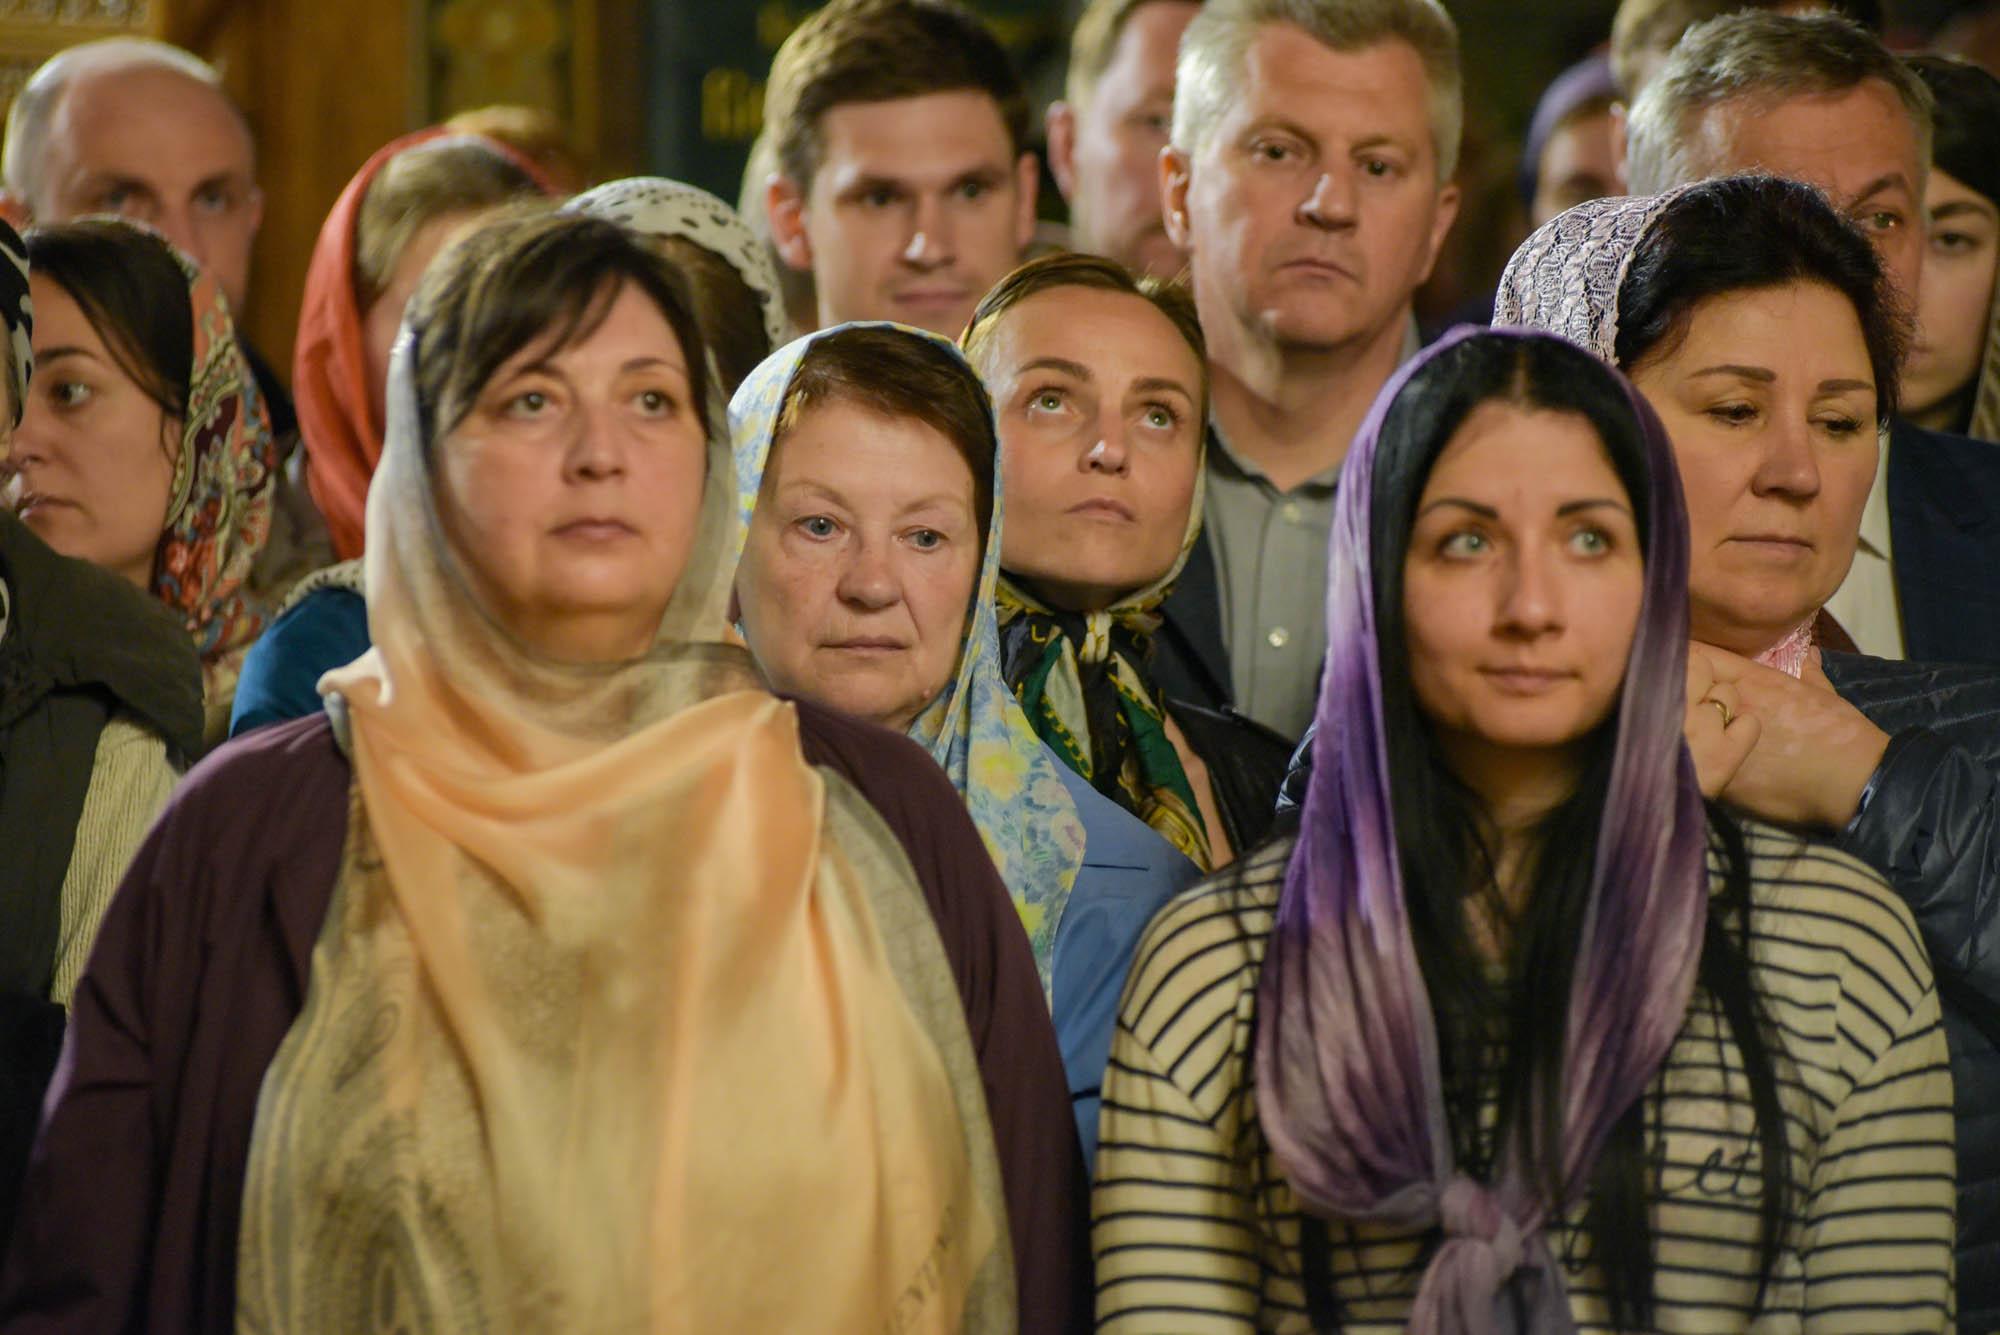 Orthodox photography Sergey Ryzhkov 9166